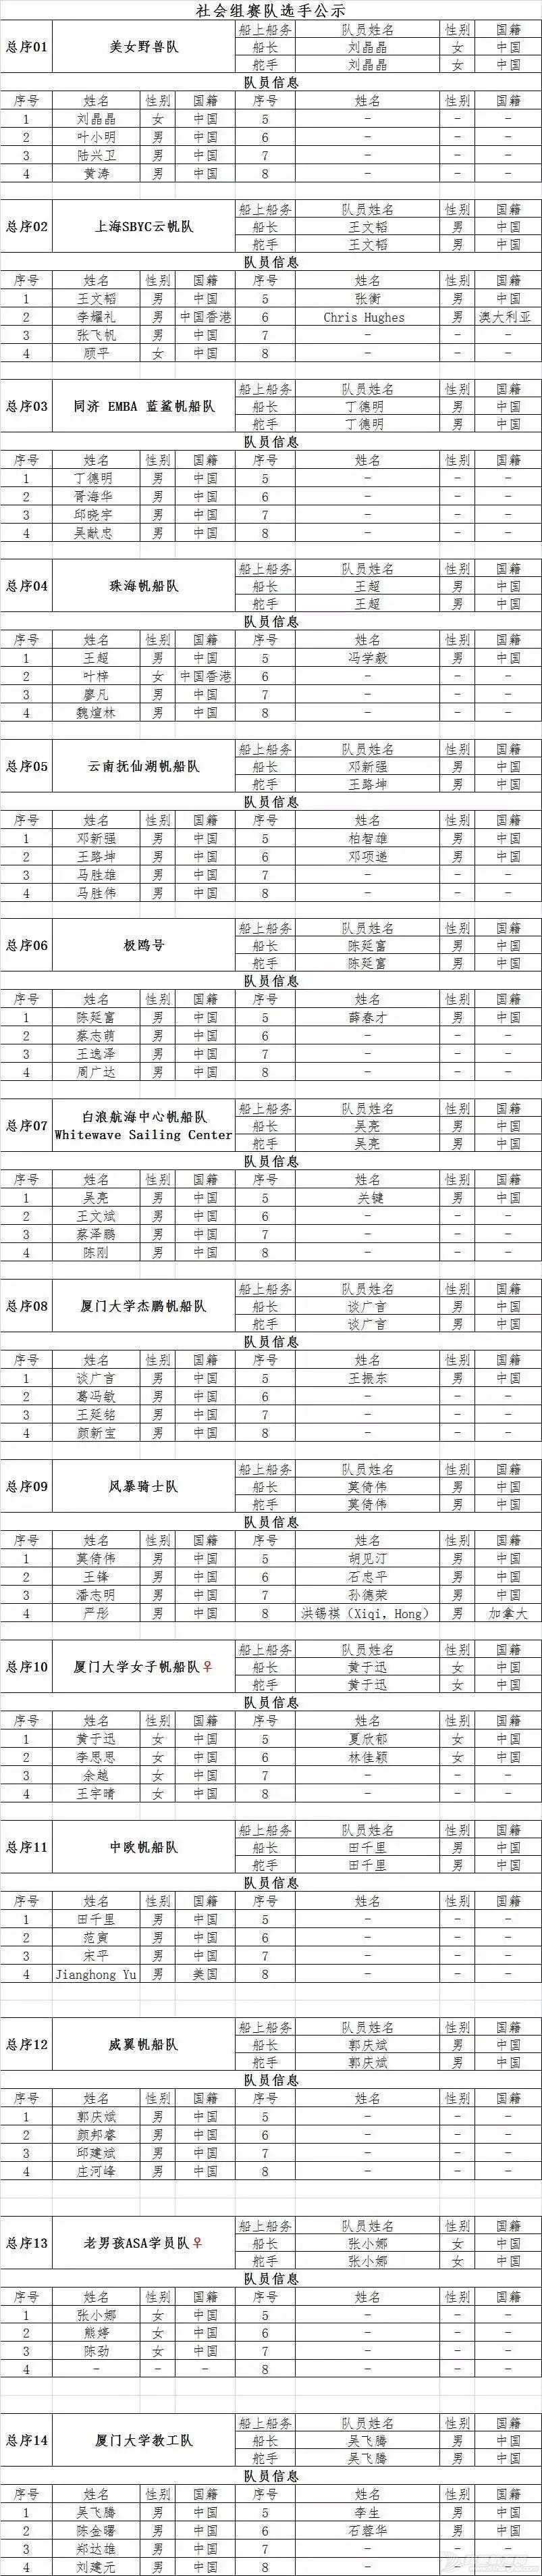 """第12届中国""""俱乐部杯""""帆船挑战赛赛队及选手公示w2.jpg"""